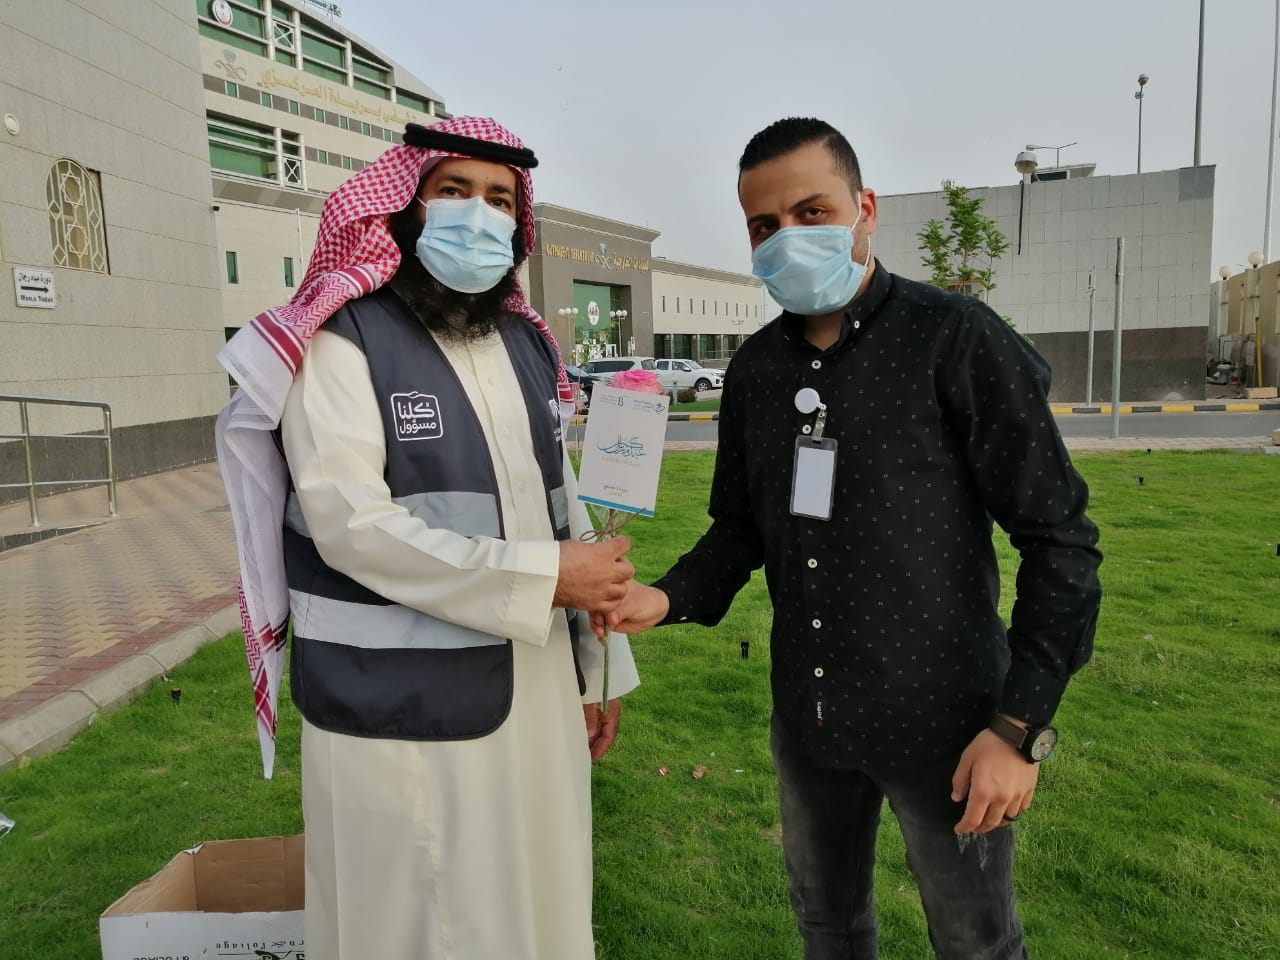 مستشفى بريدة المركزي يقدم الورود والهدايا لمصلين العيد